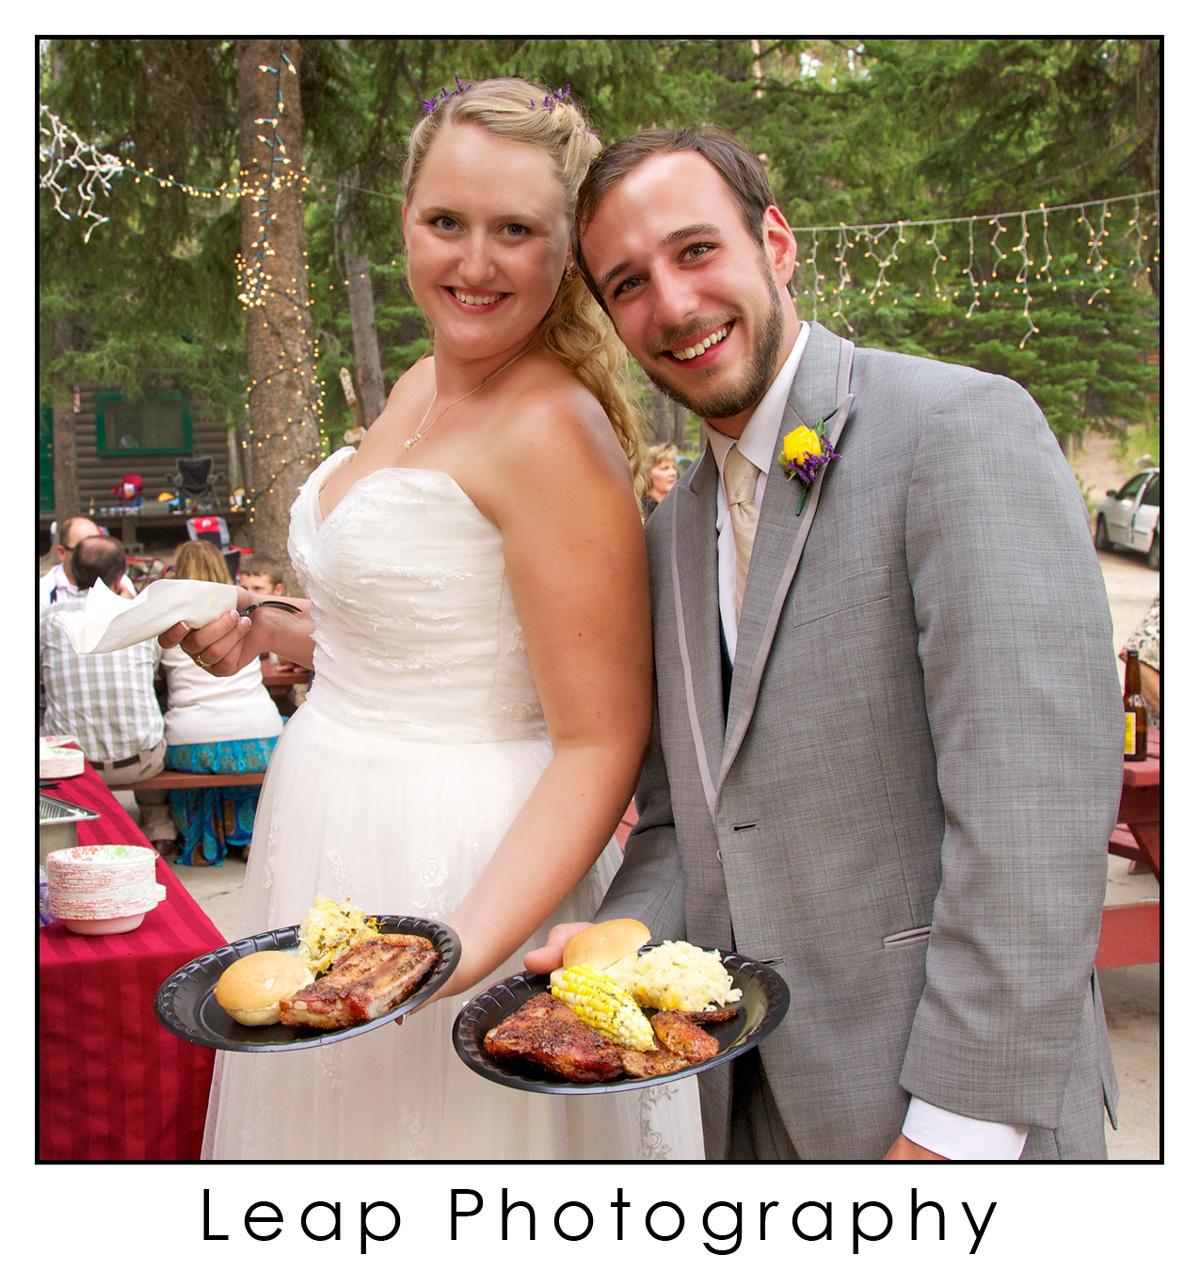 Boise_Idaho_Wedding-Photographers_Warm-Lake_010B